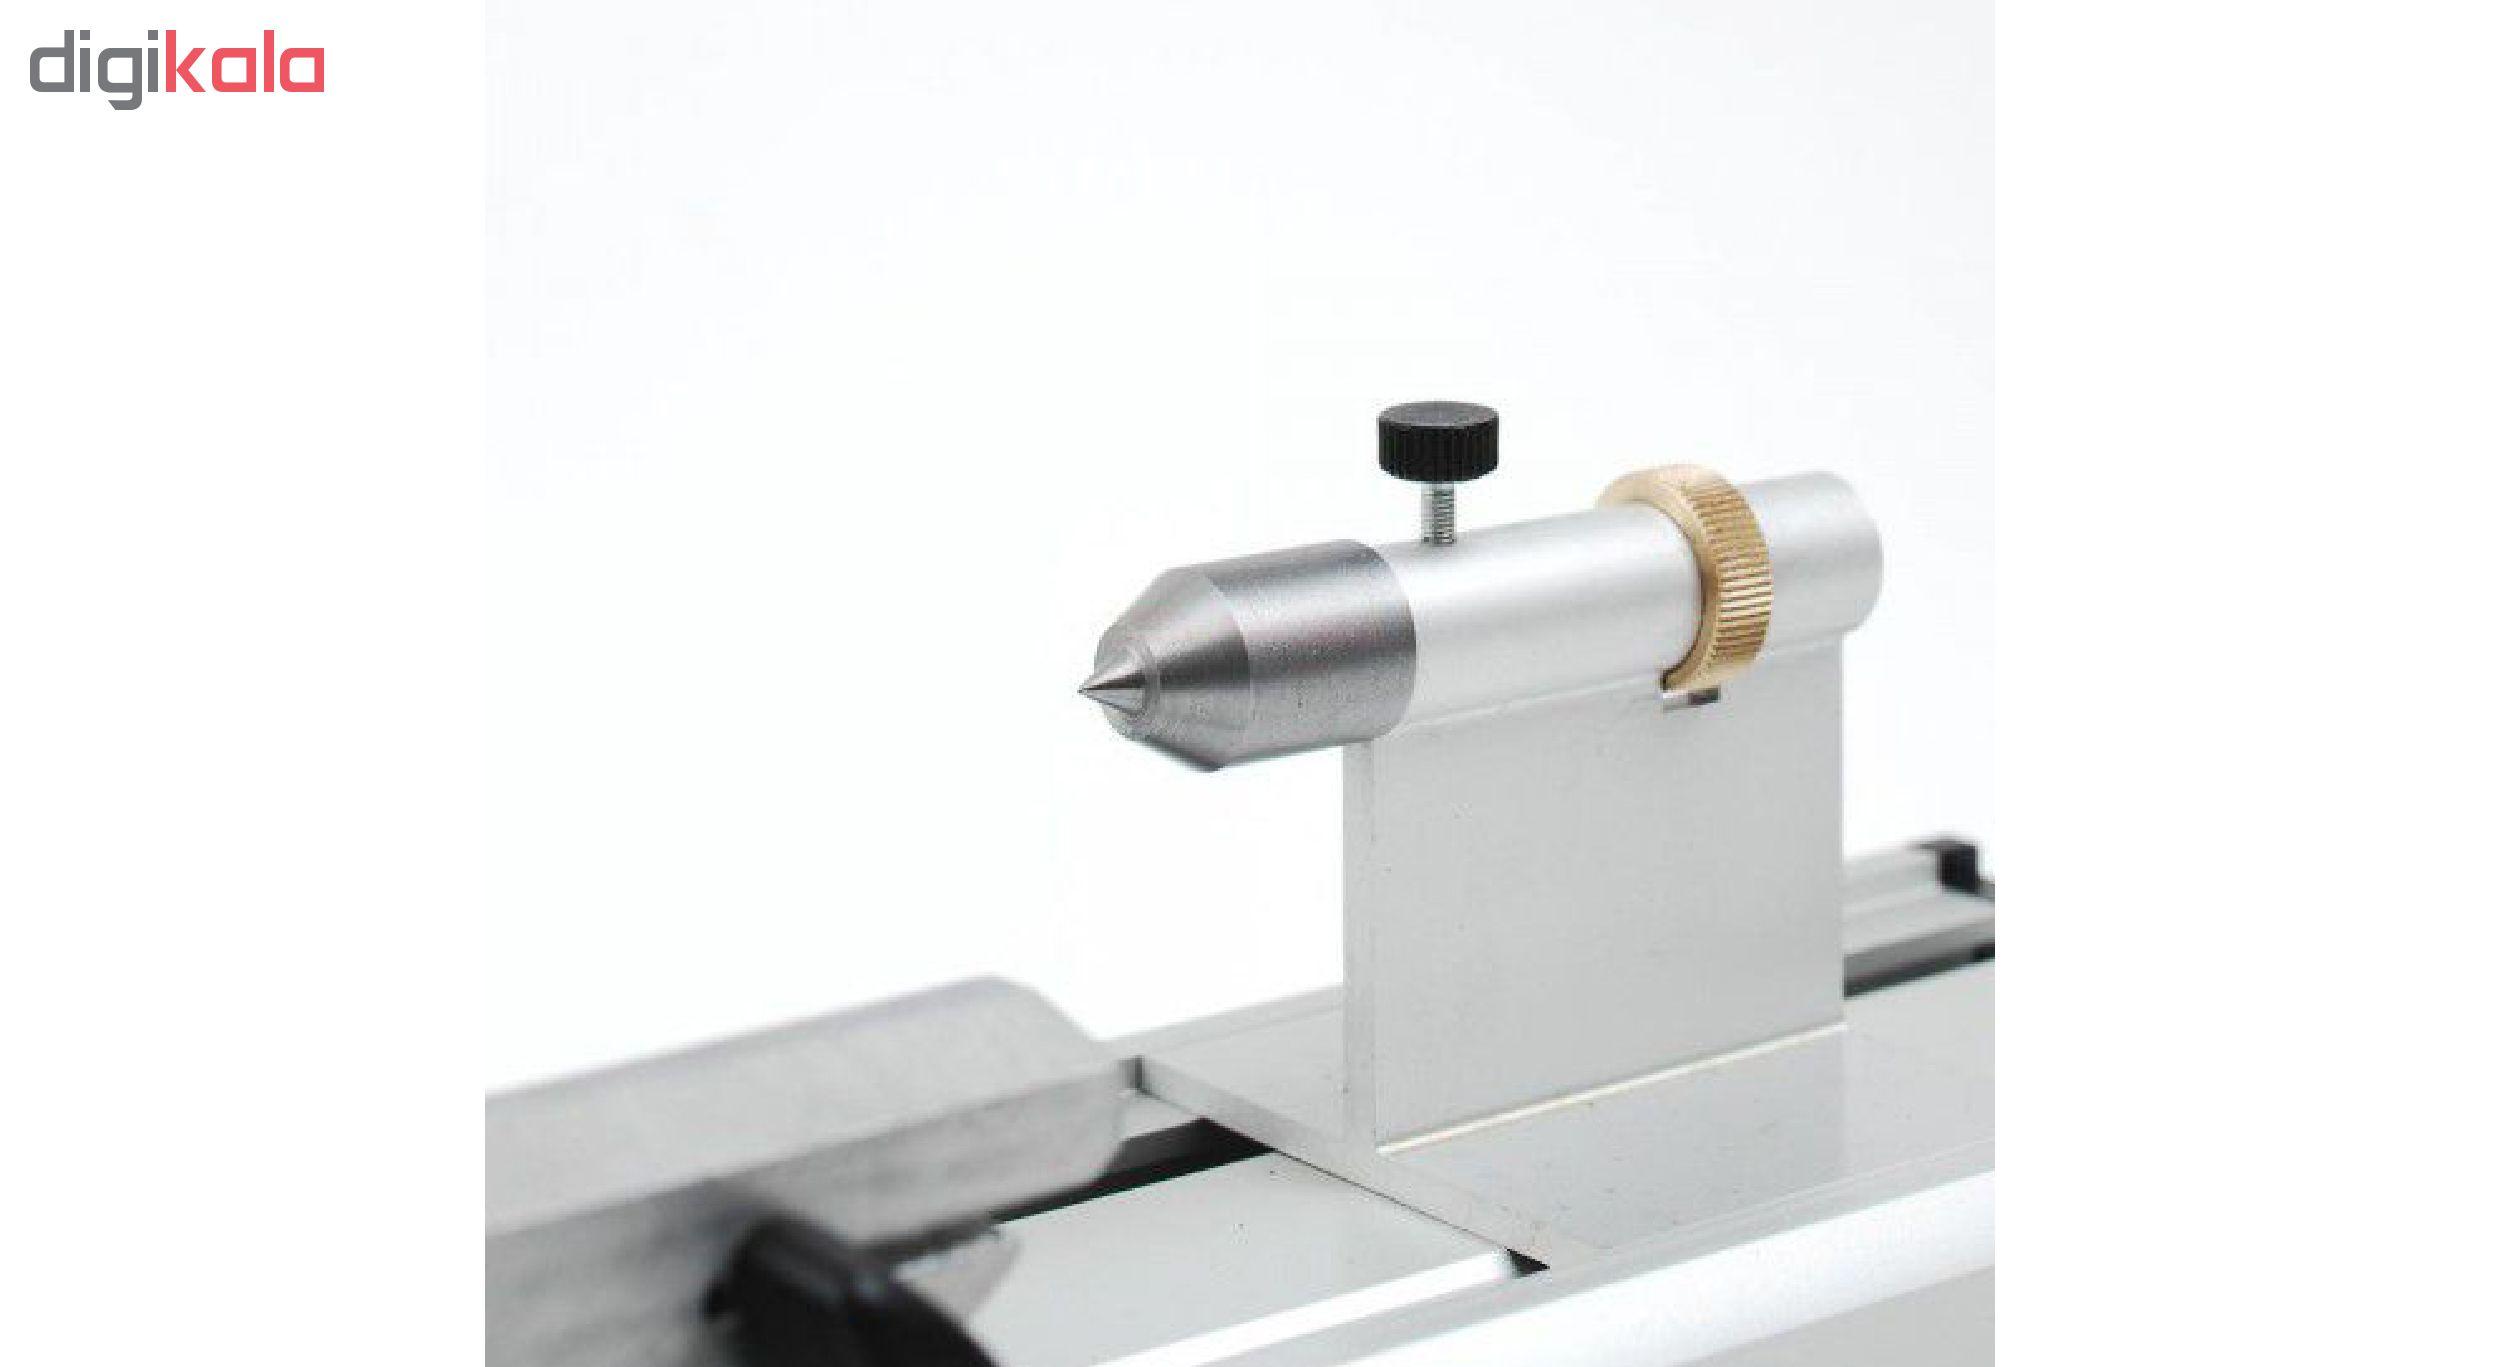 دستگاه خراطی پروکسون مدل 27020